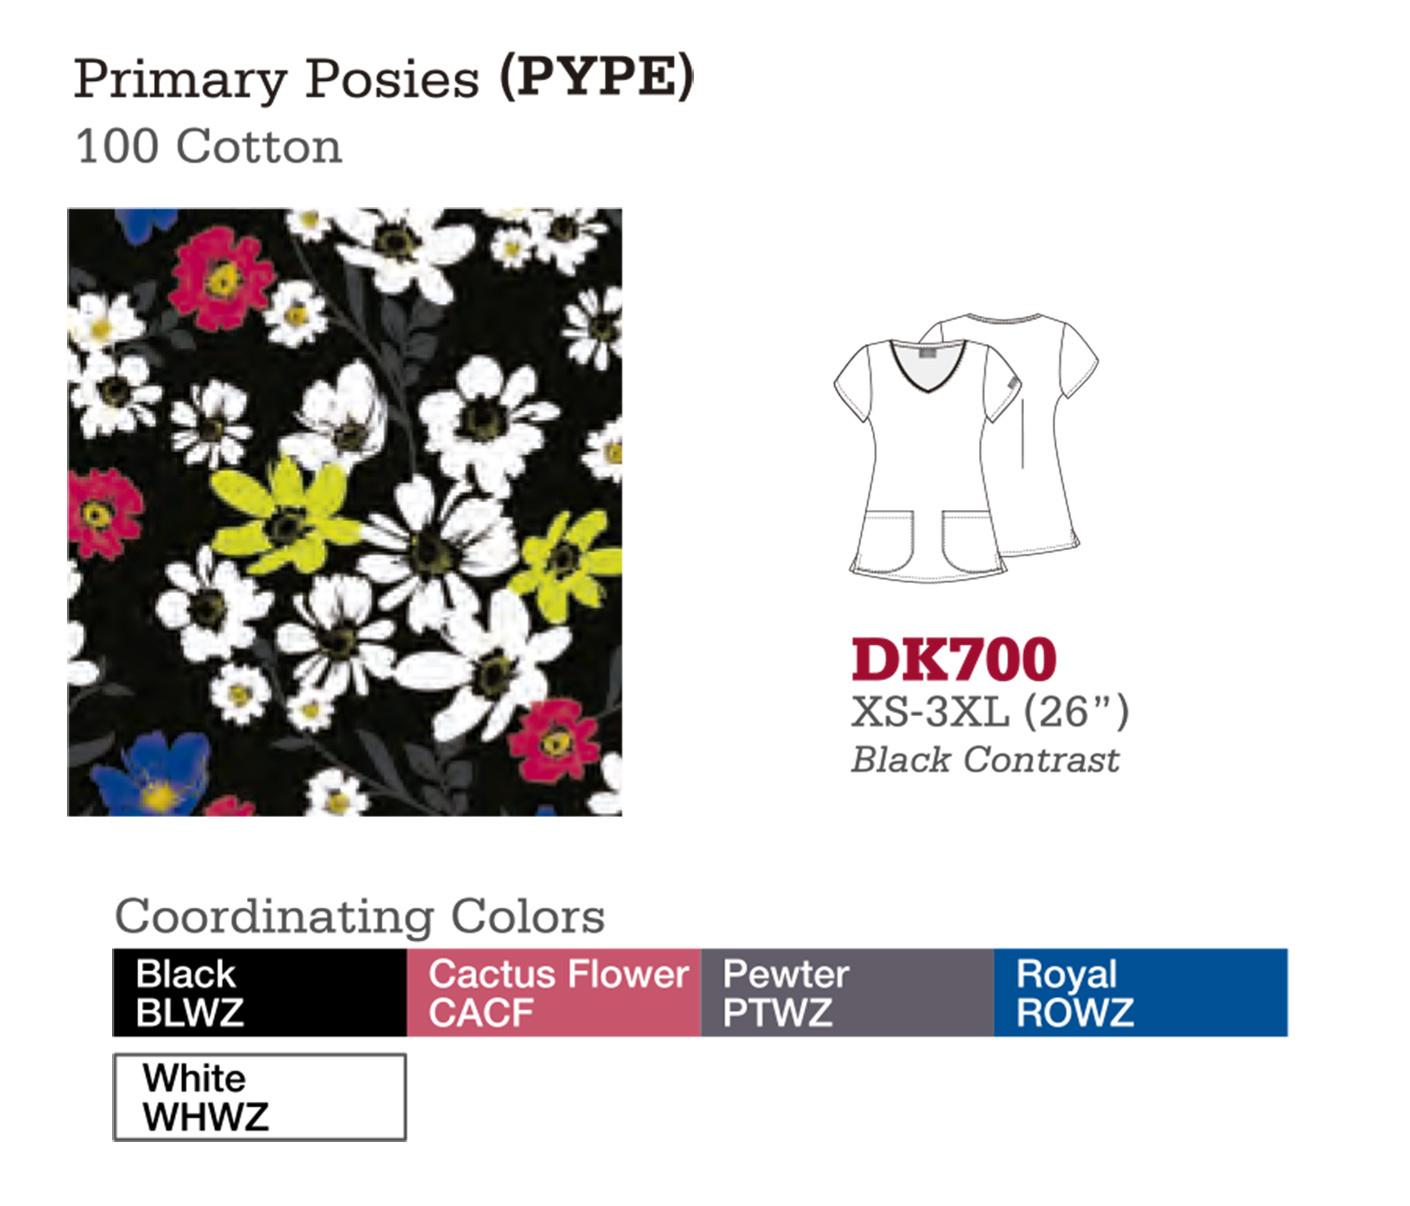 Primary Posies. DK700.